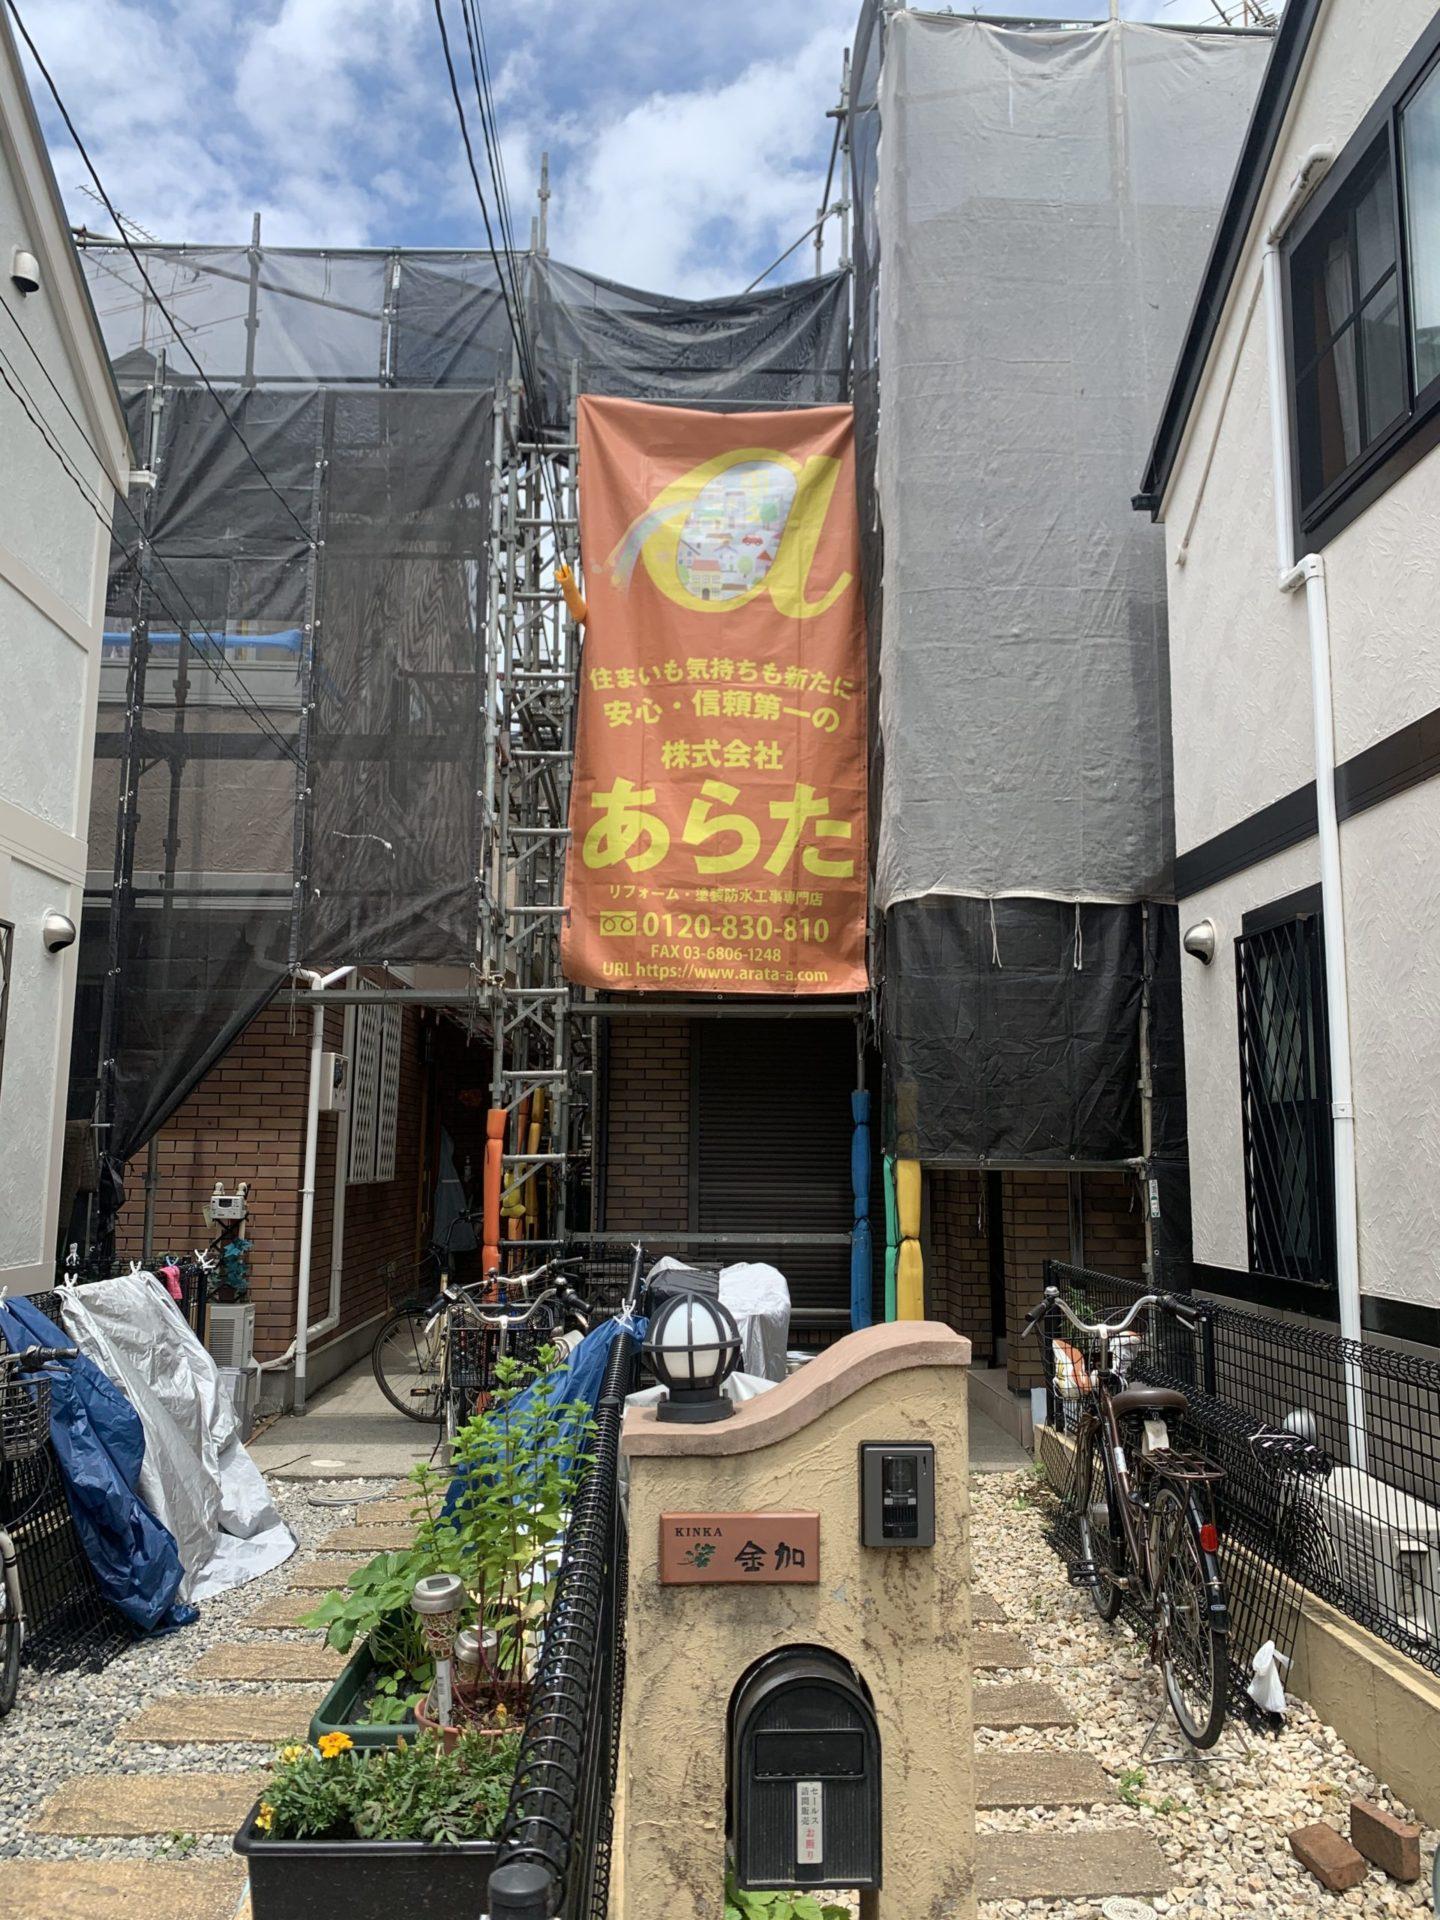 あらたスタッフブログ 『工事開始』|足立区 葛飾区 江戸川区の外壁塗装・屋根塗装・防水工事 優良塗装専門業者|株式会社あらた